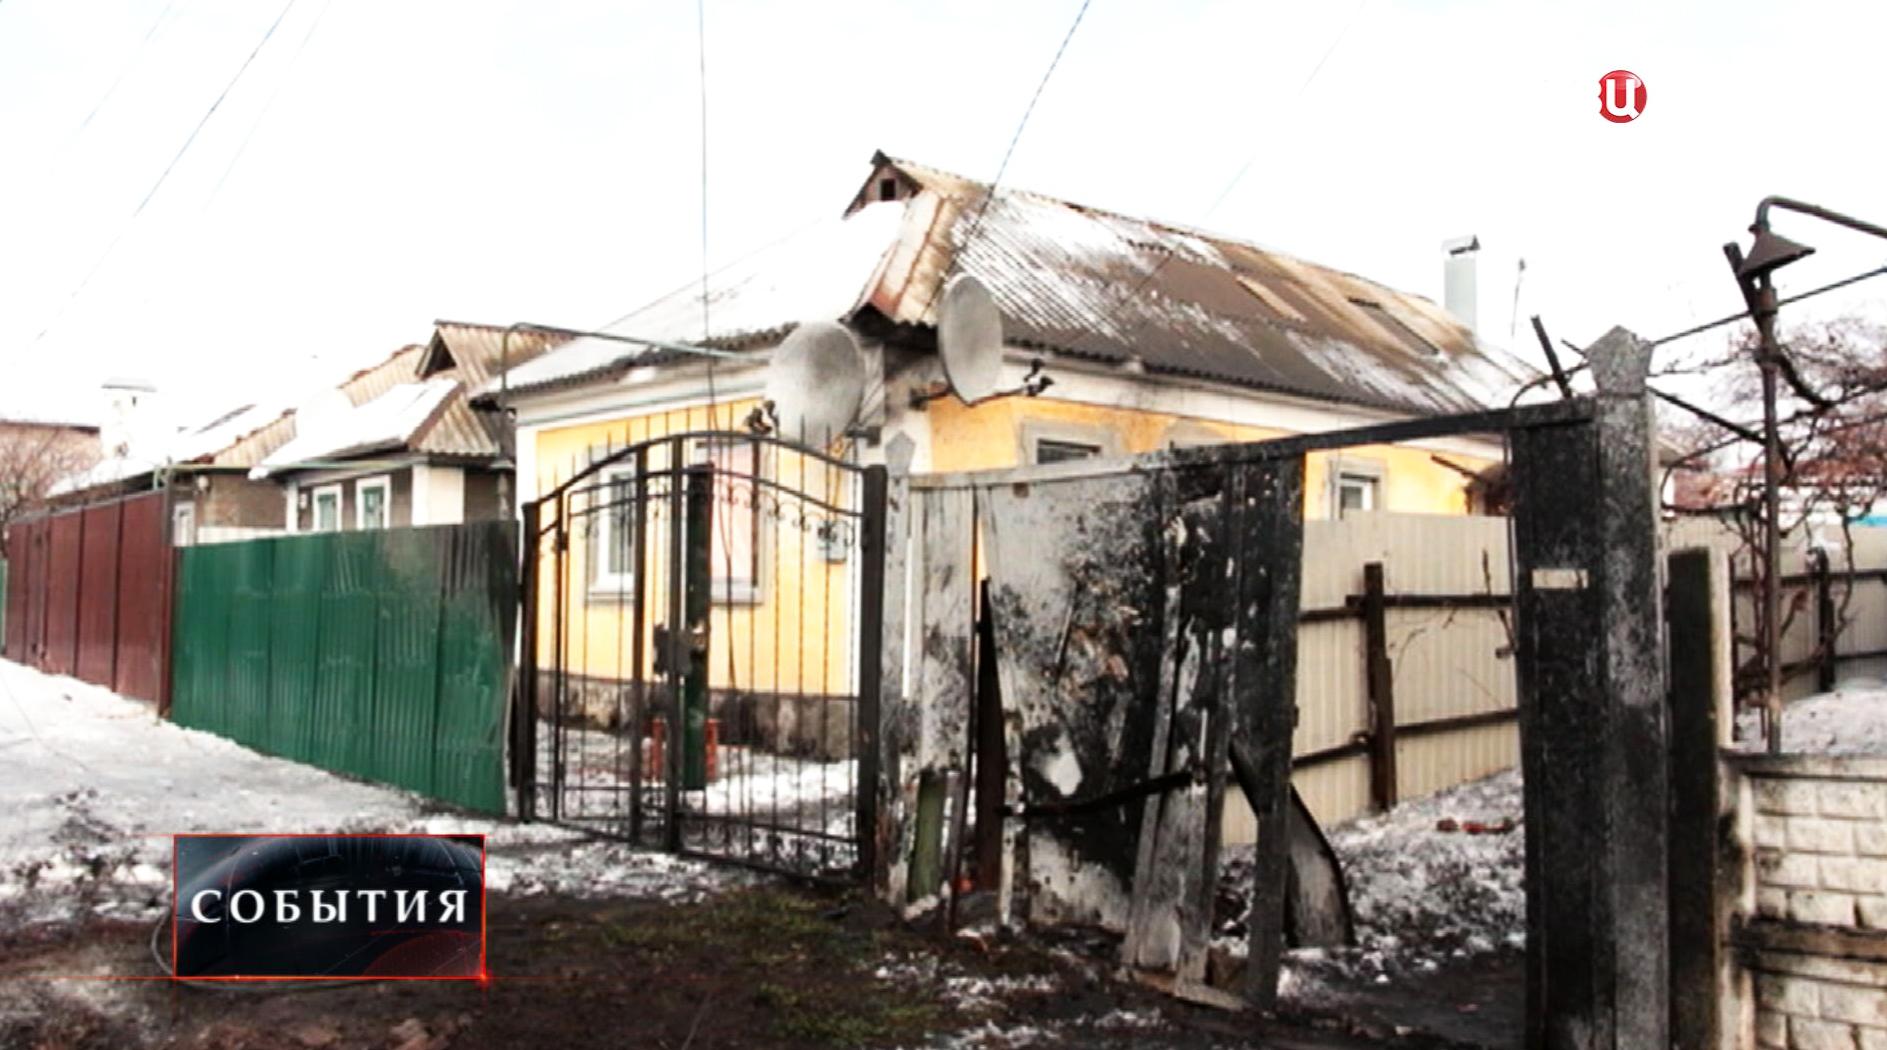 Результат артобстрела жилых кварталов в Донецкой области